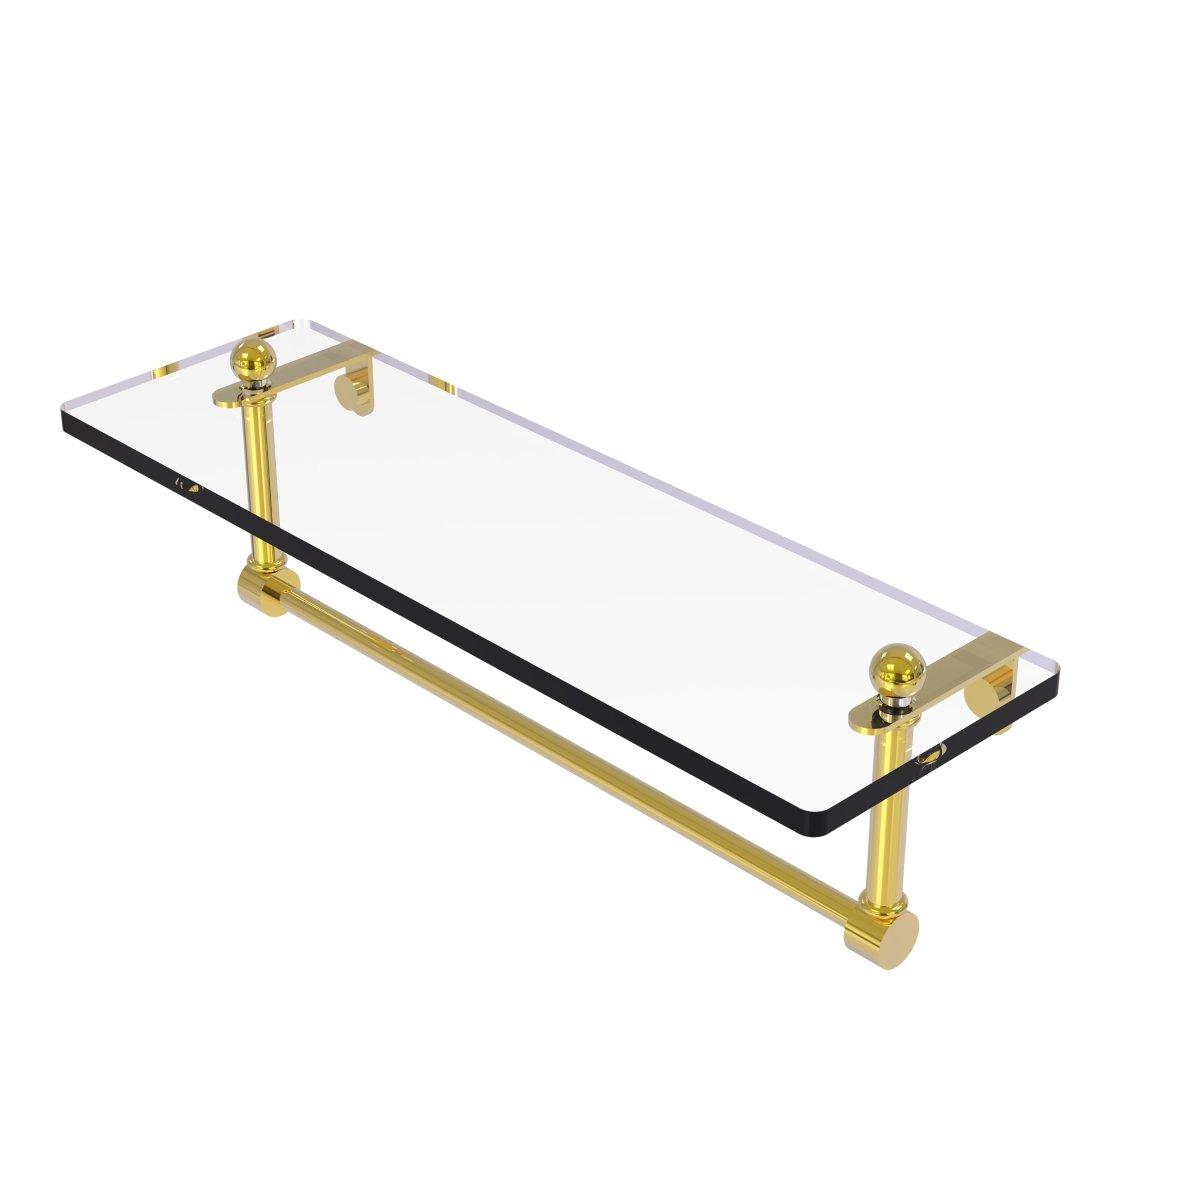 Allied Brass 16 Single Shelf w/Towel Bar Polished Brass by Allied Brass B003XRU7UK 16 in.|光沢真鍮 光沢真鍮 16 in.